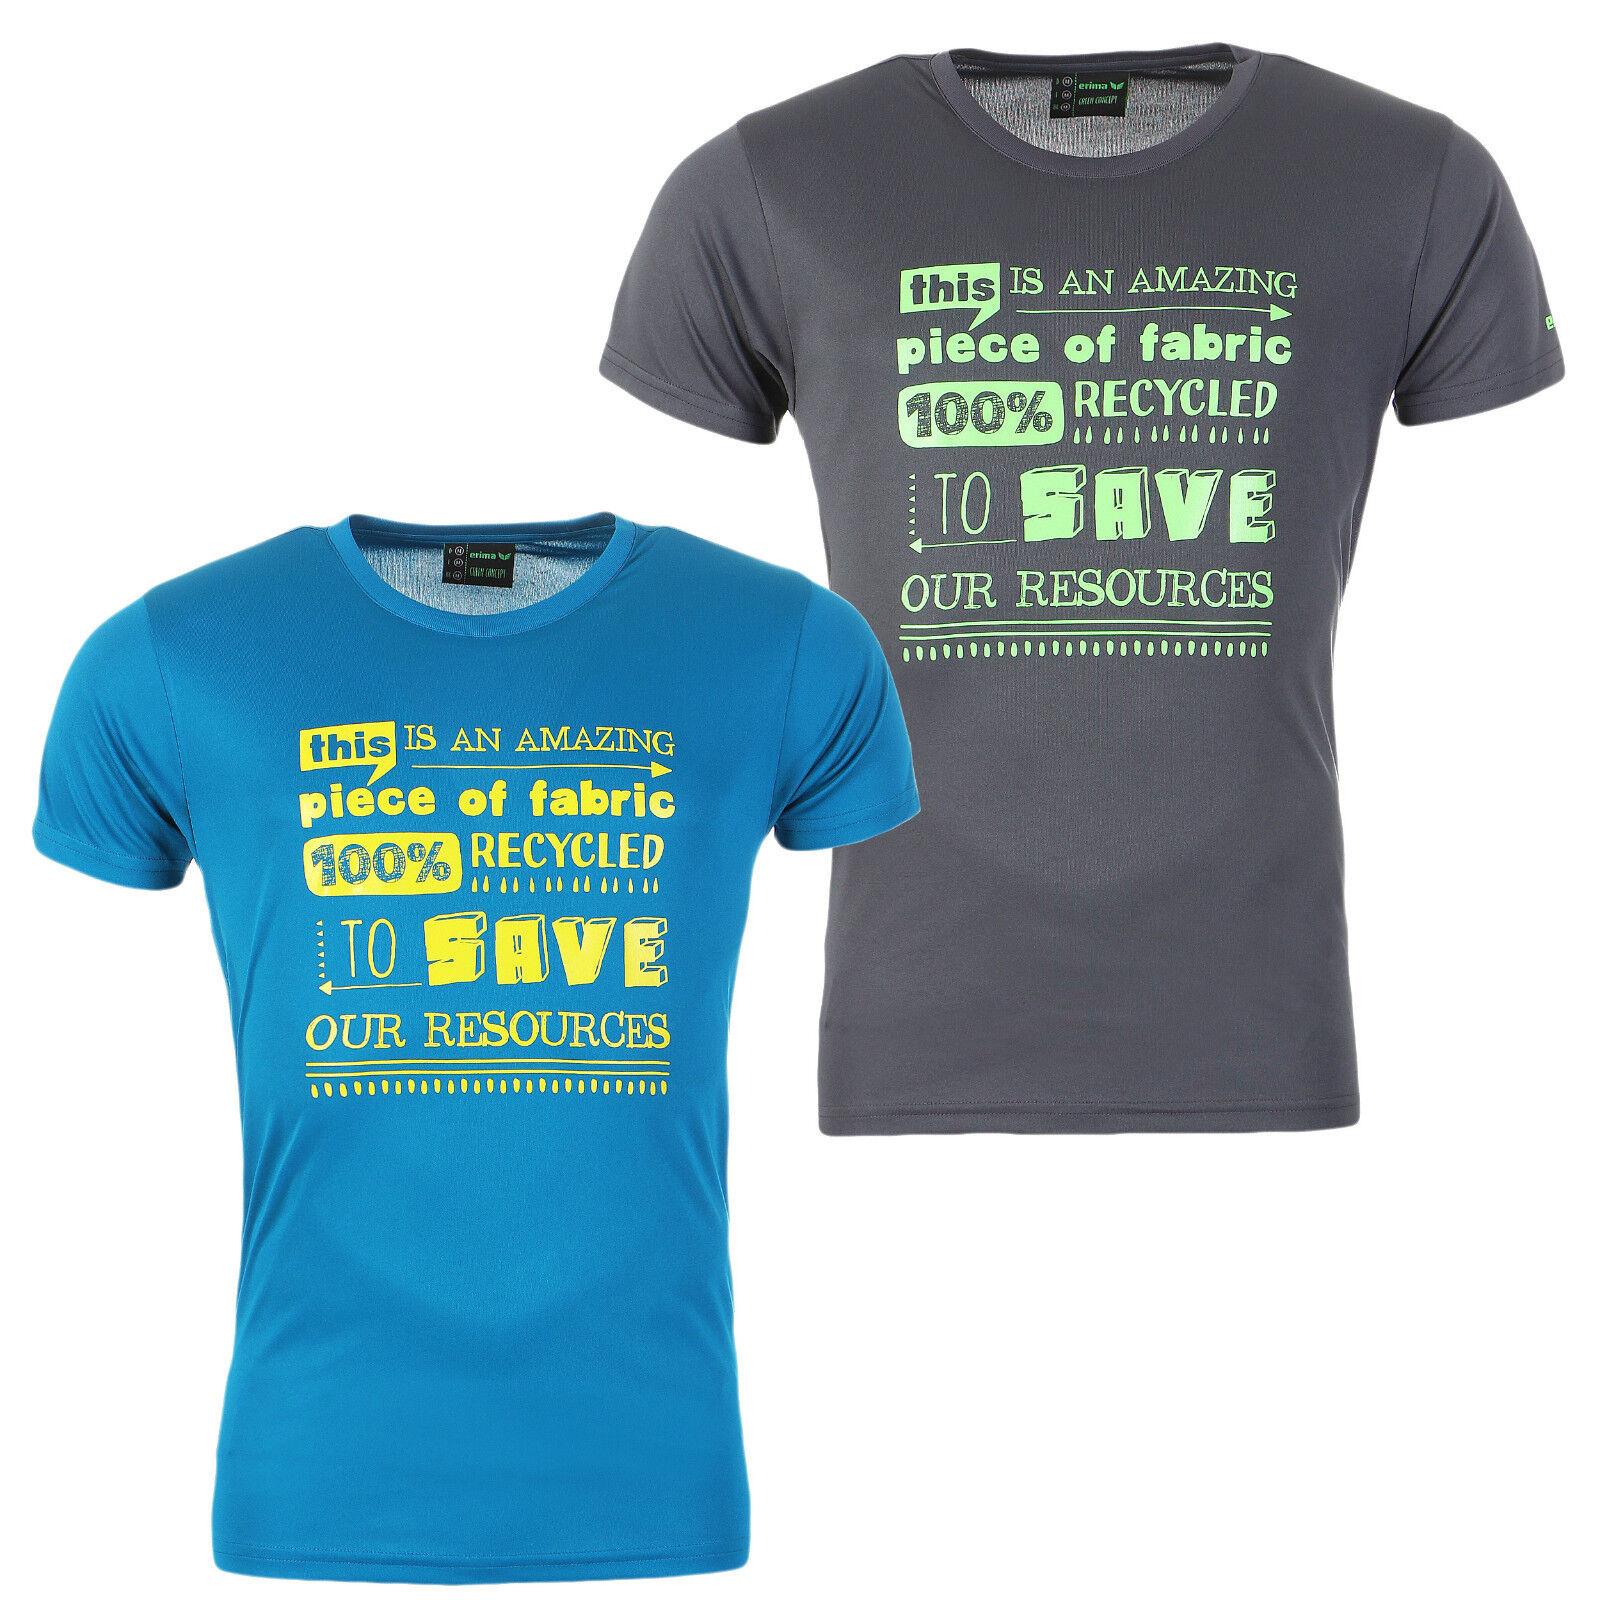 Erima Herren T-Shirt Laufshirt Fitness Funktionsshirt Shirt NEU Blau Grau S-4XL